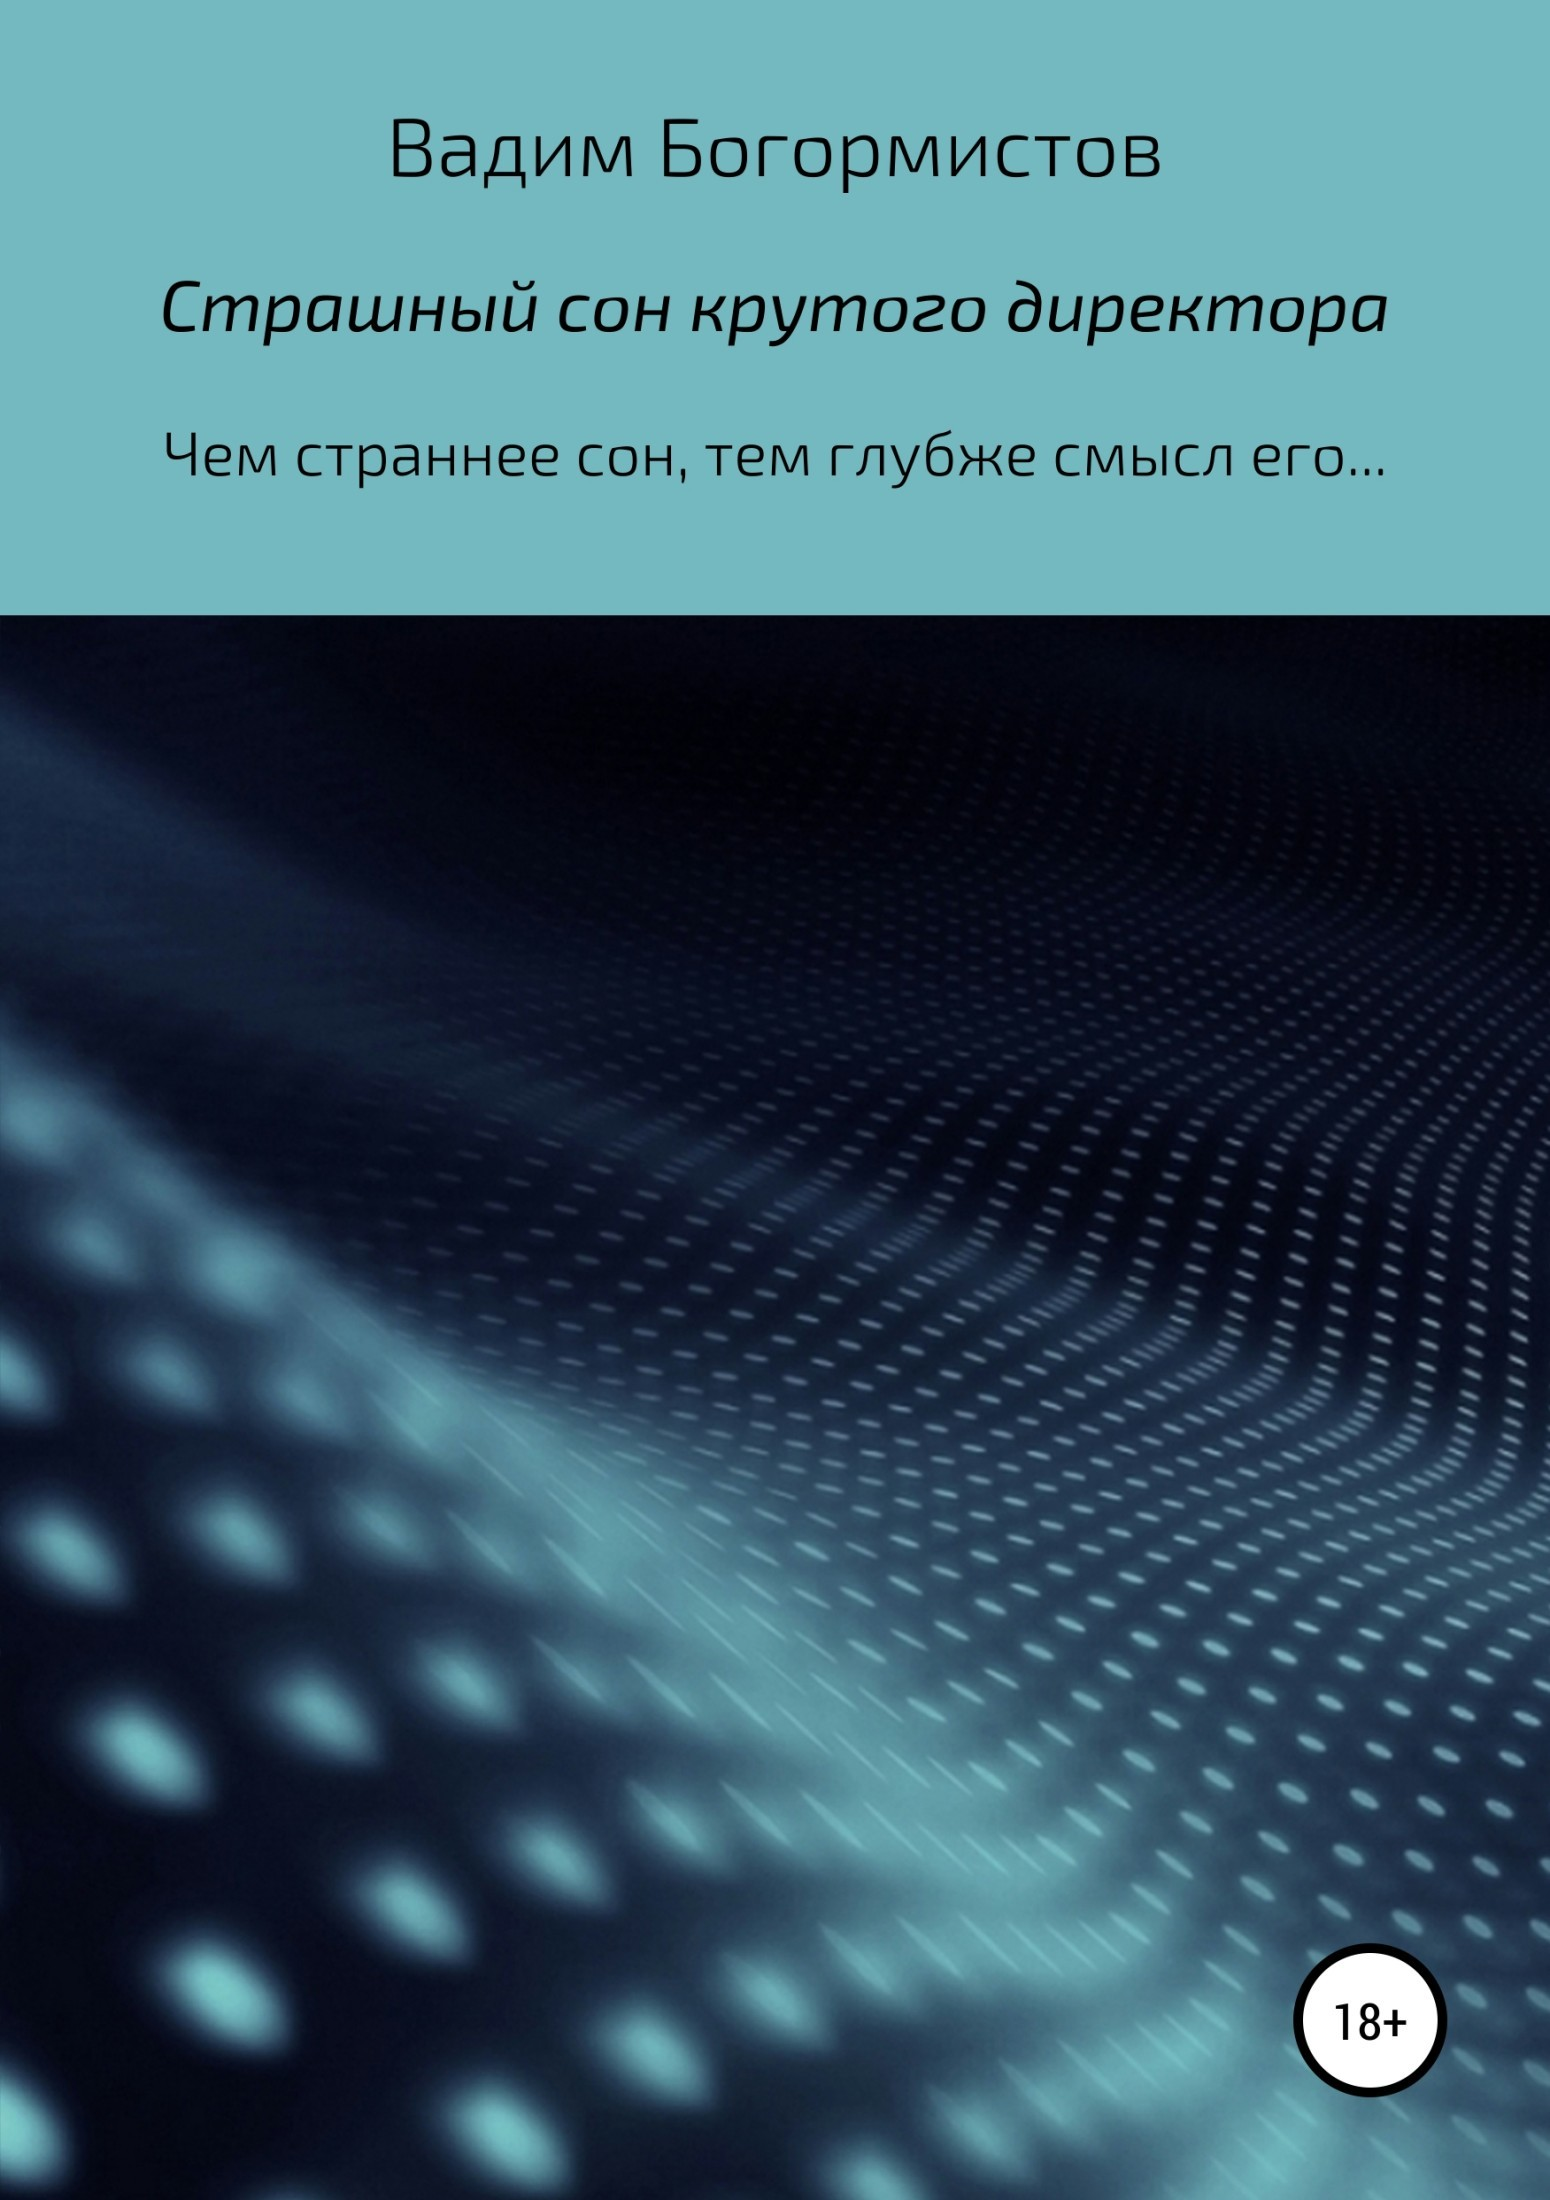 Вадим Николаевич Богормистов Страшный сон крутого директора